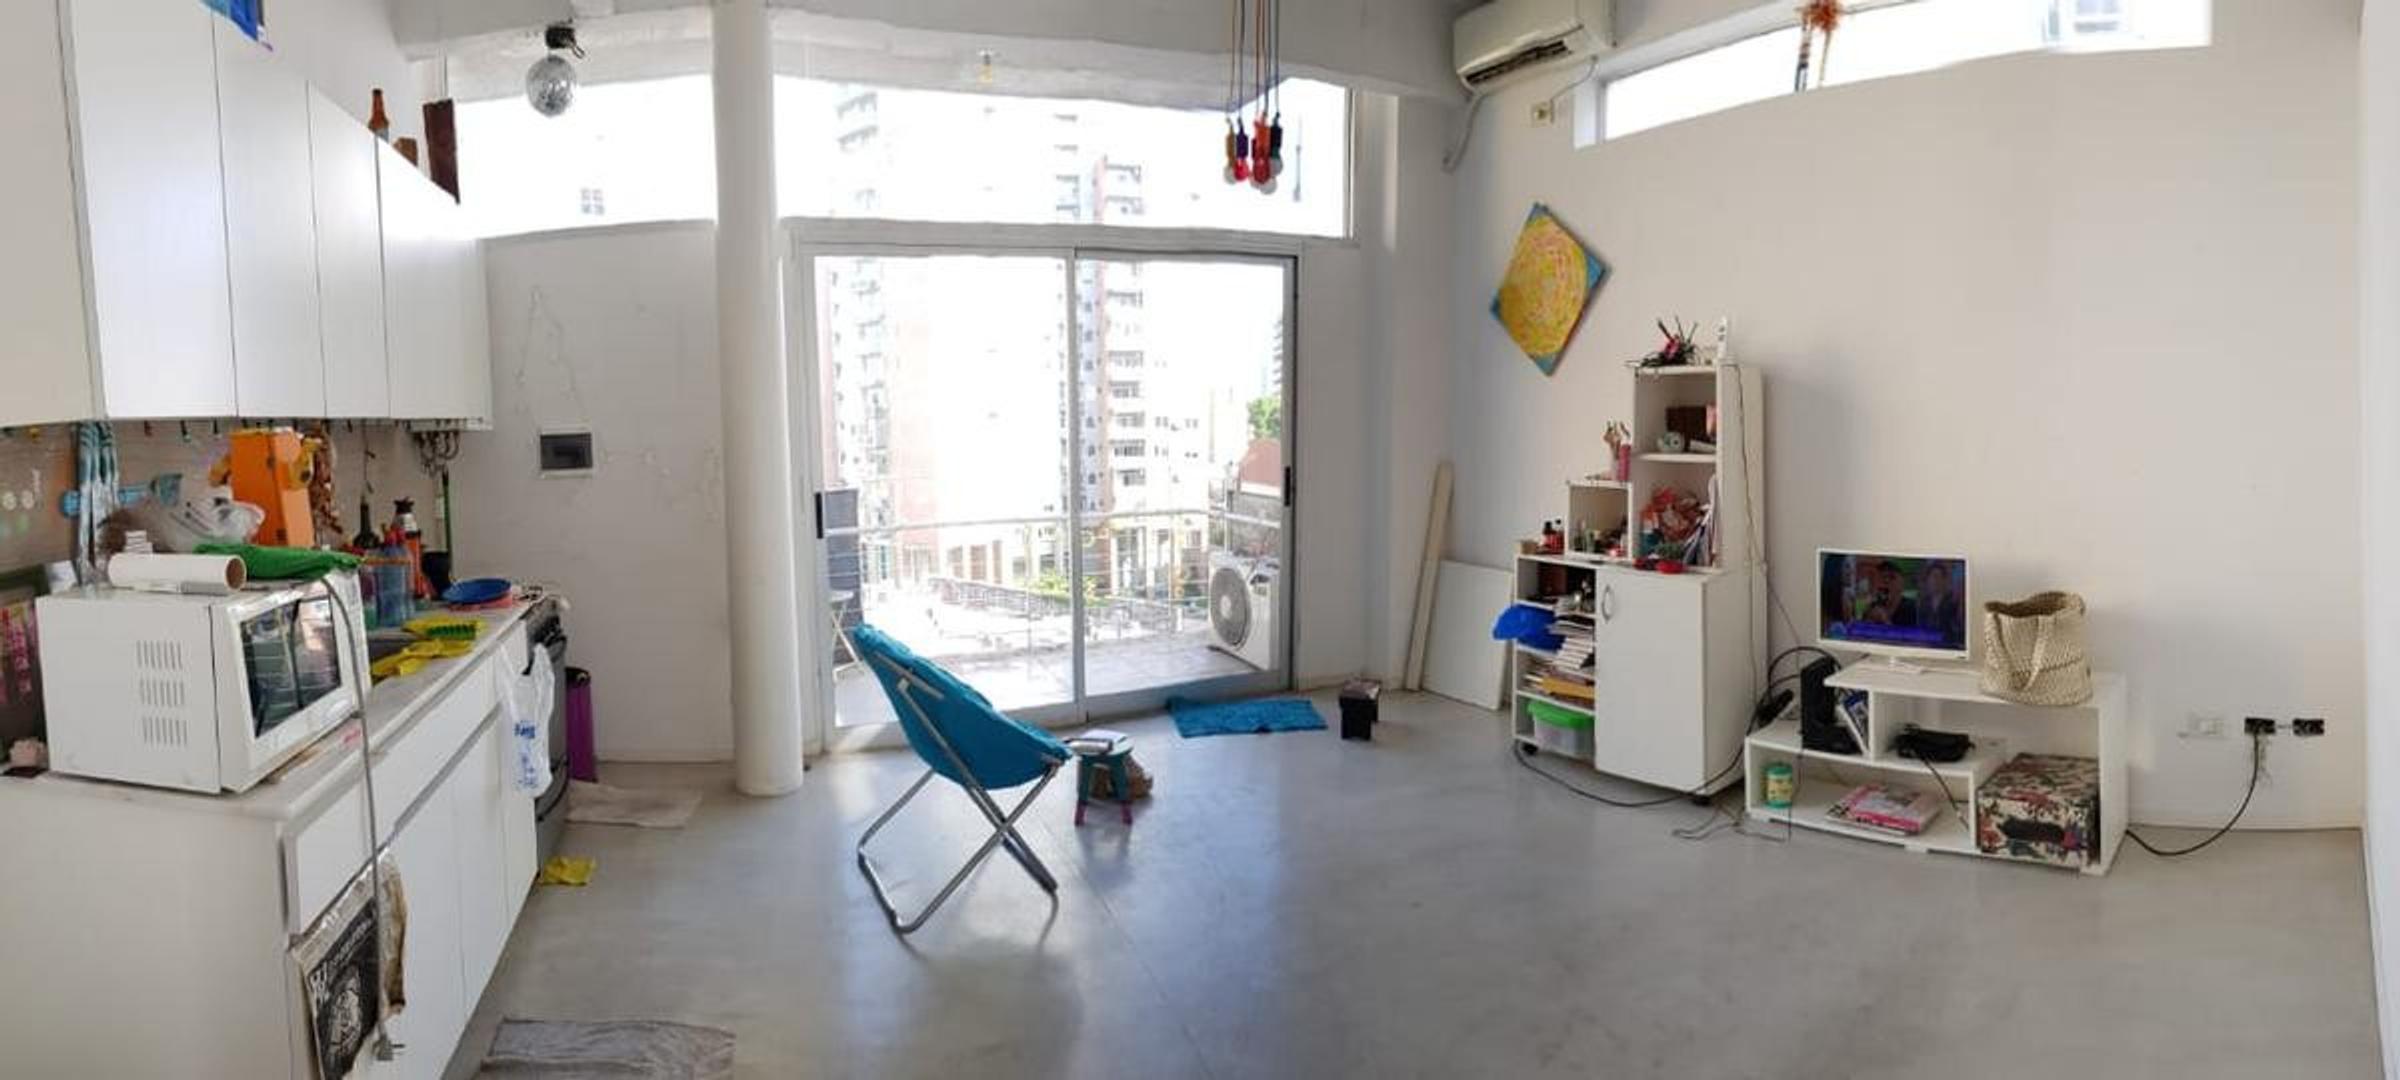 Departamento en Venta en Chacarita - 2 ambientes